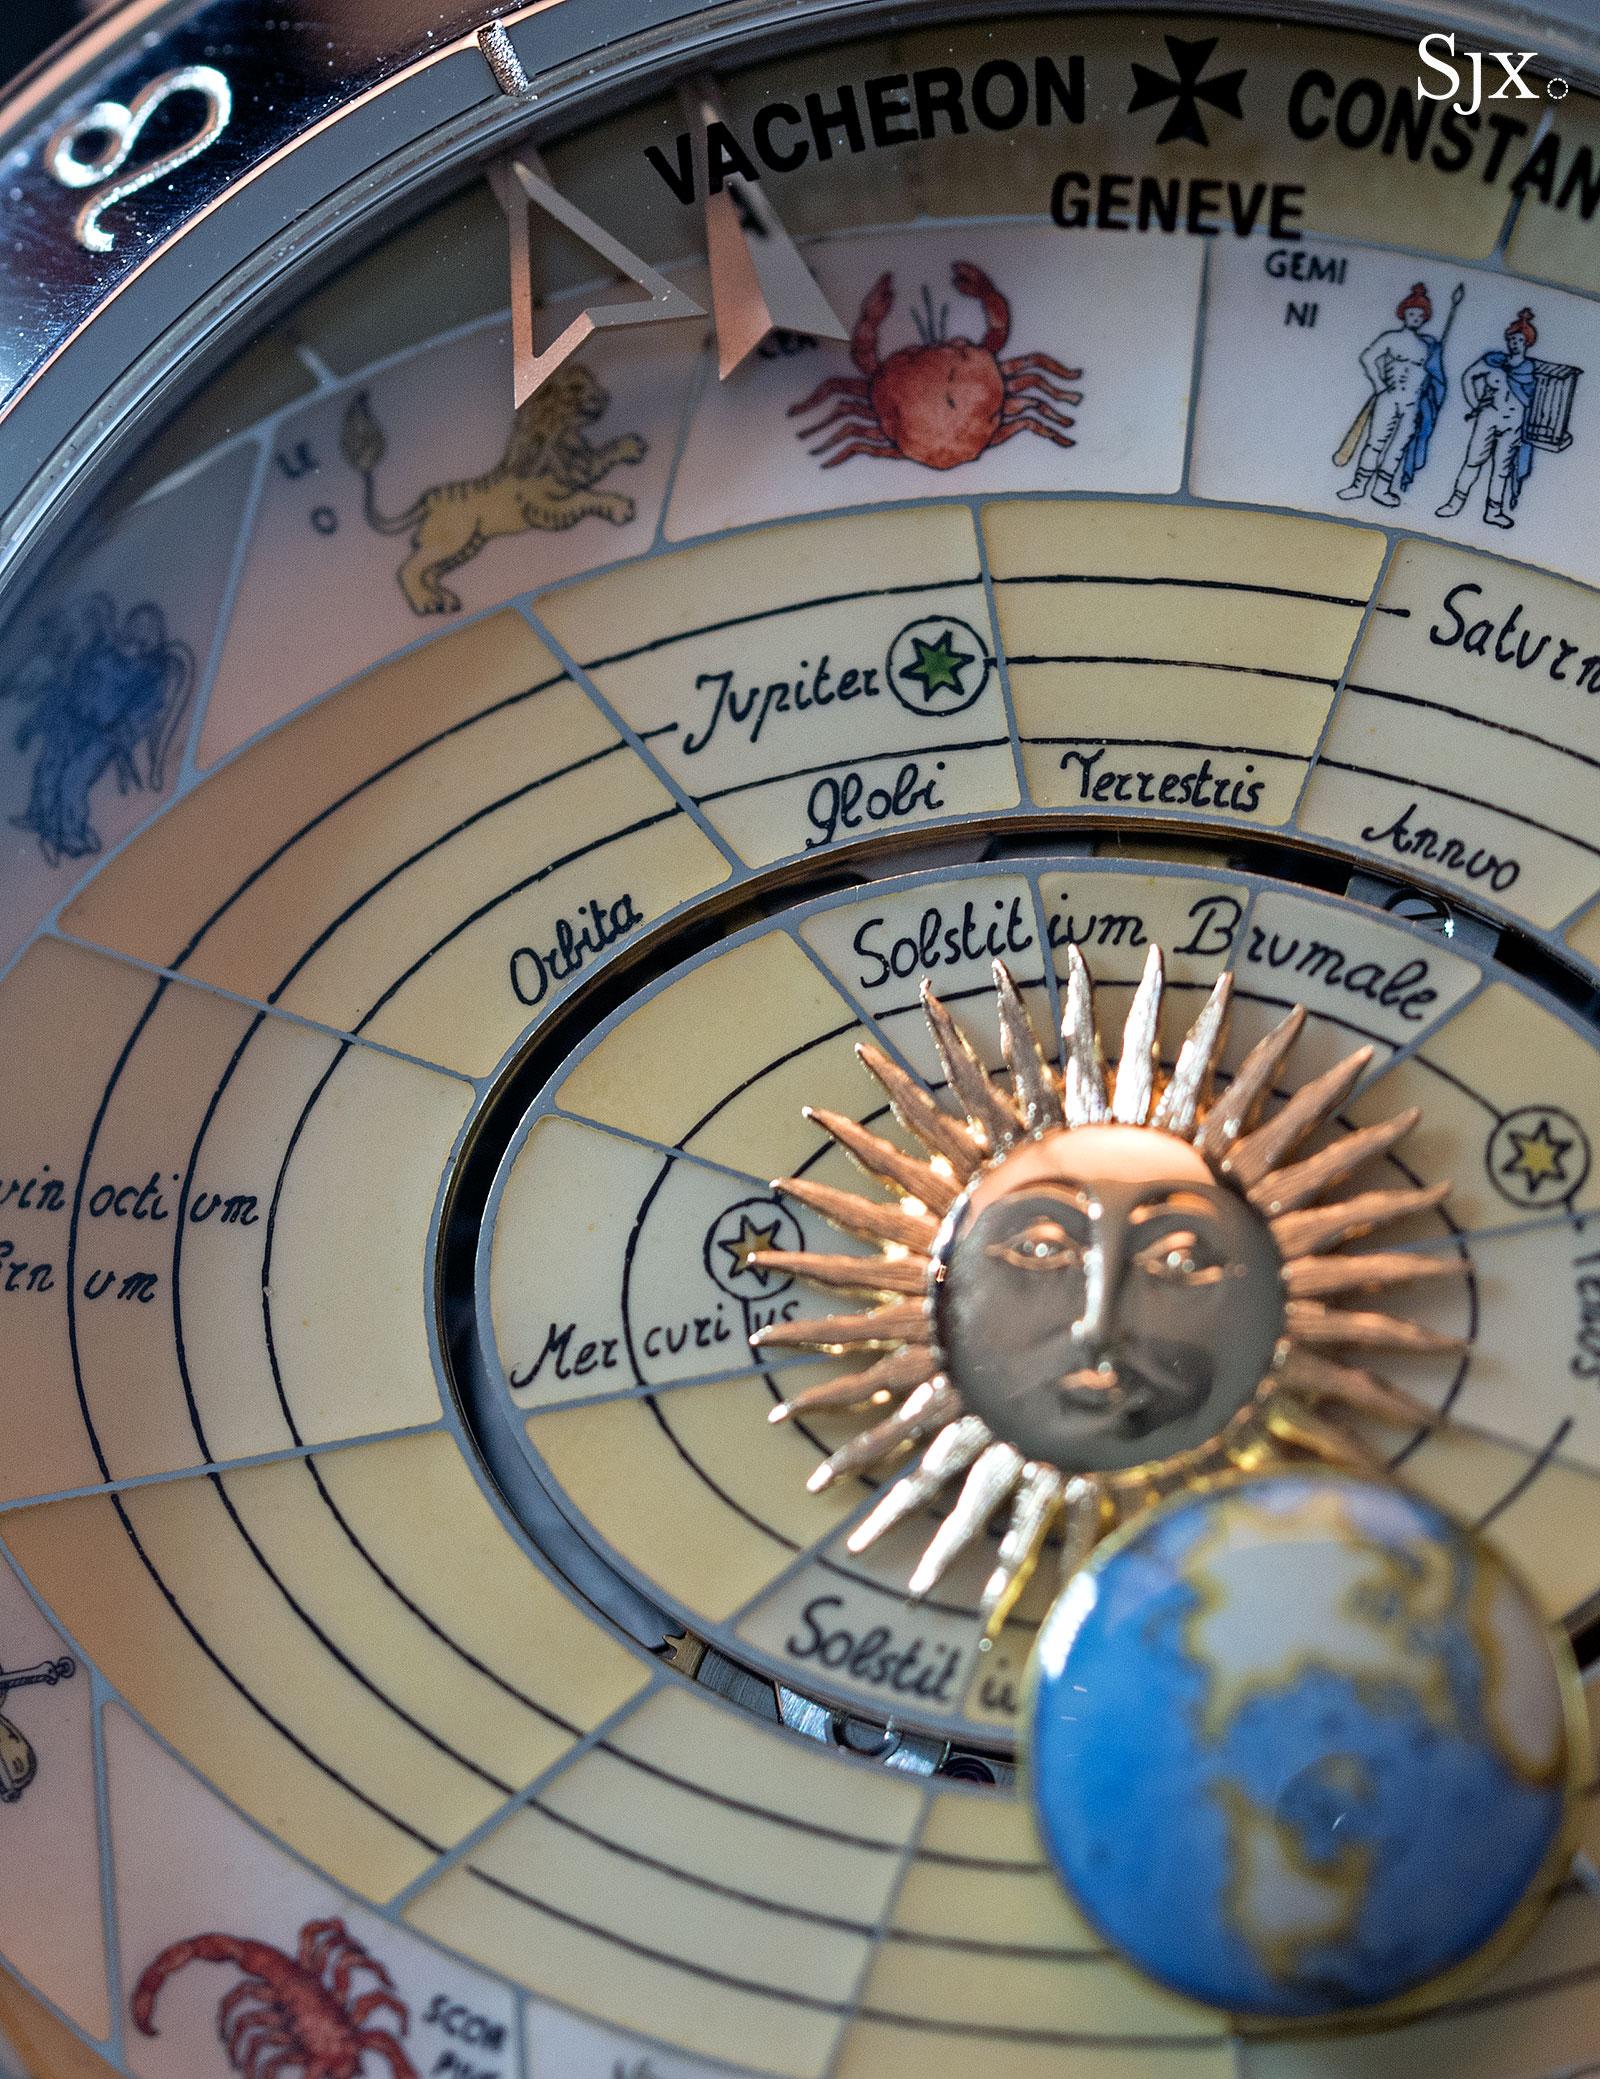 Vacheron Constantin Copernicus grand feu enamel 4